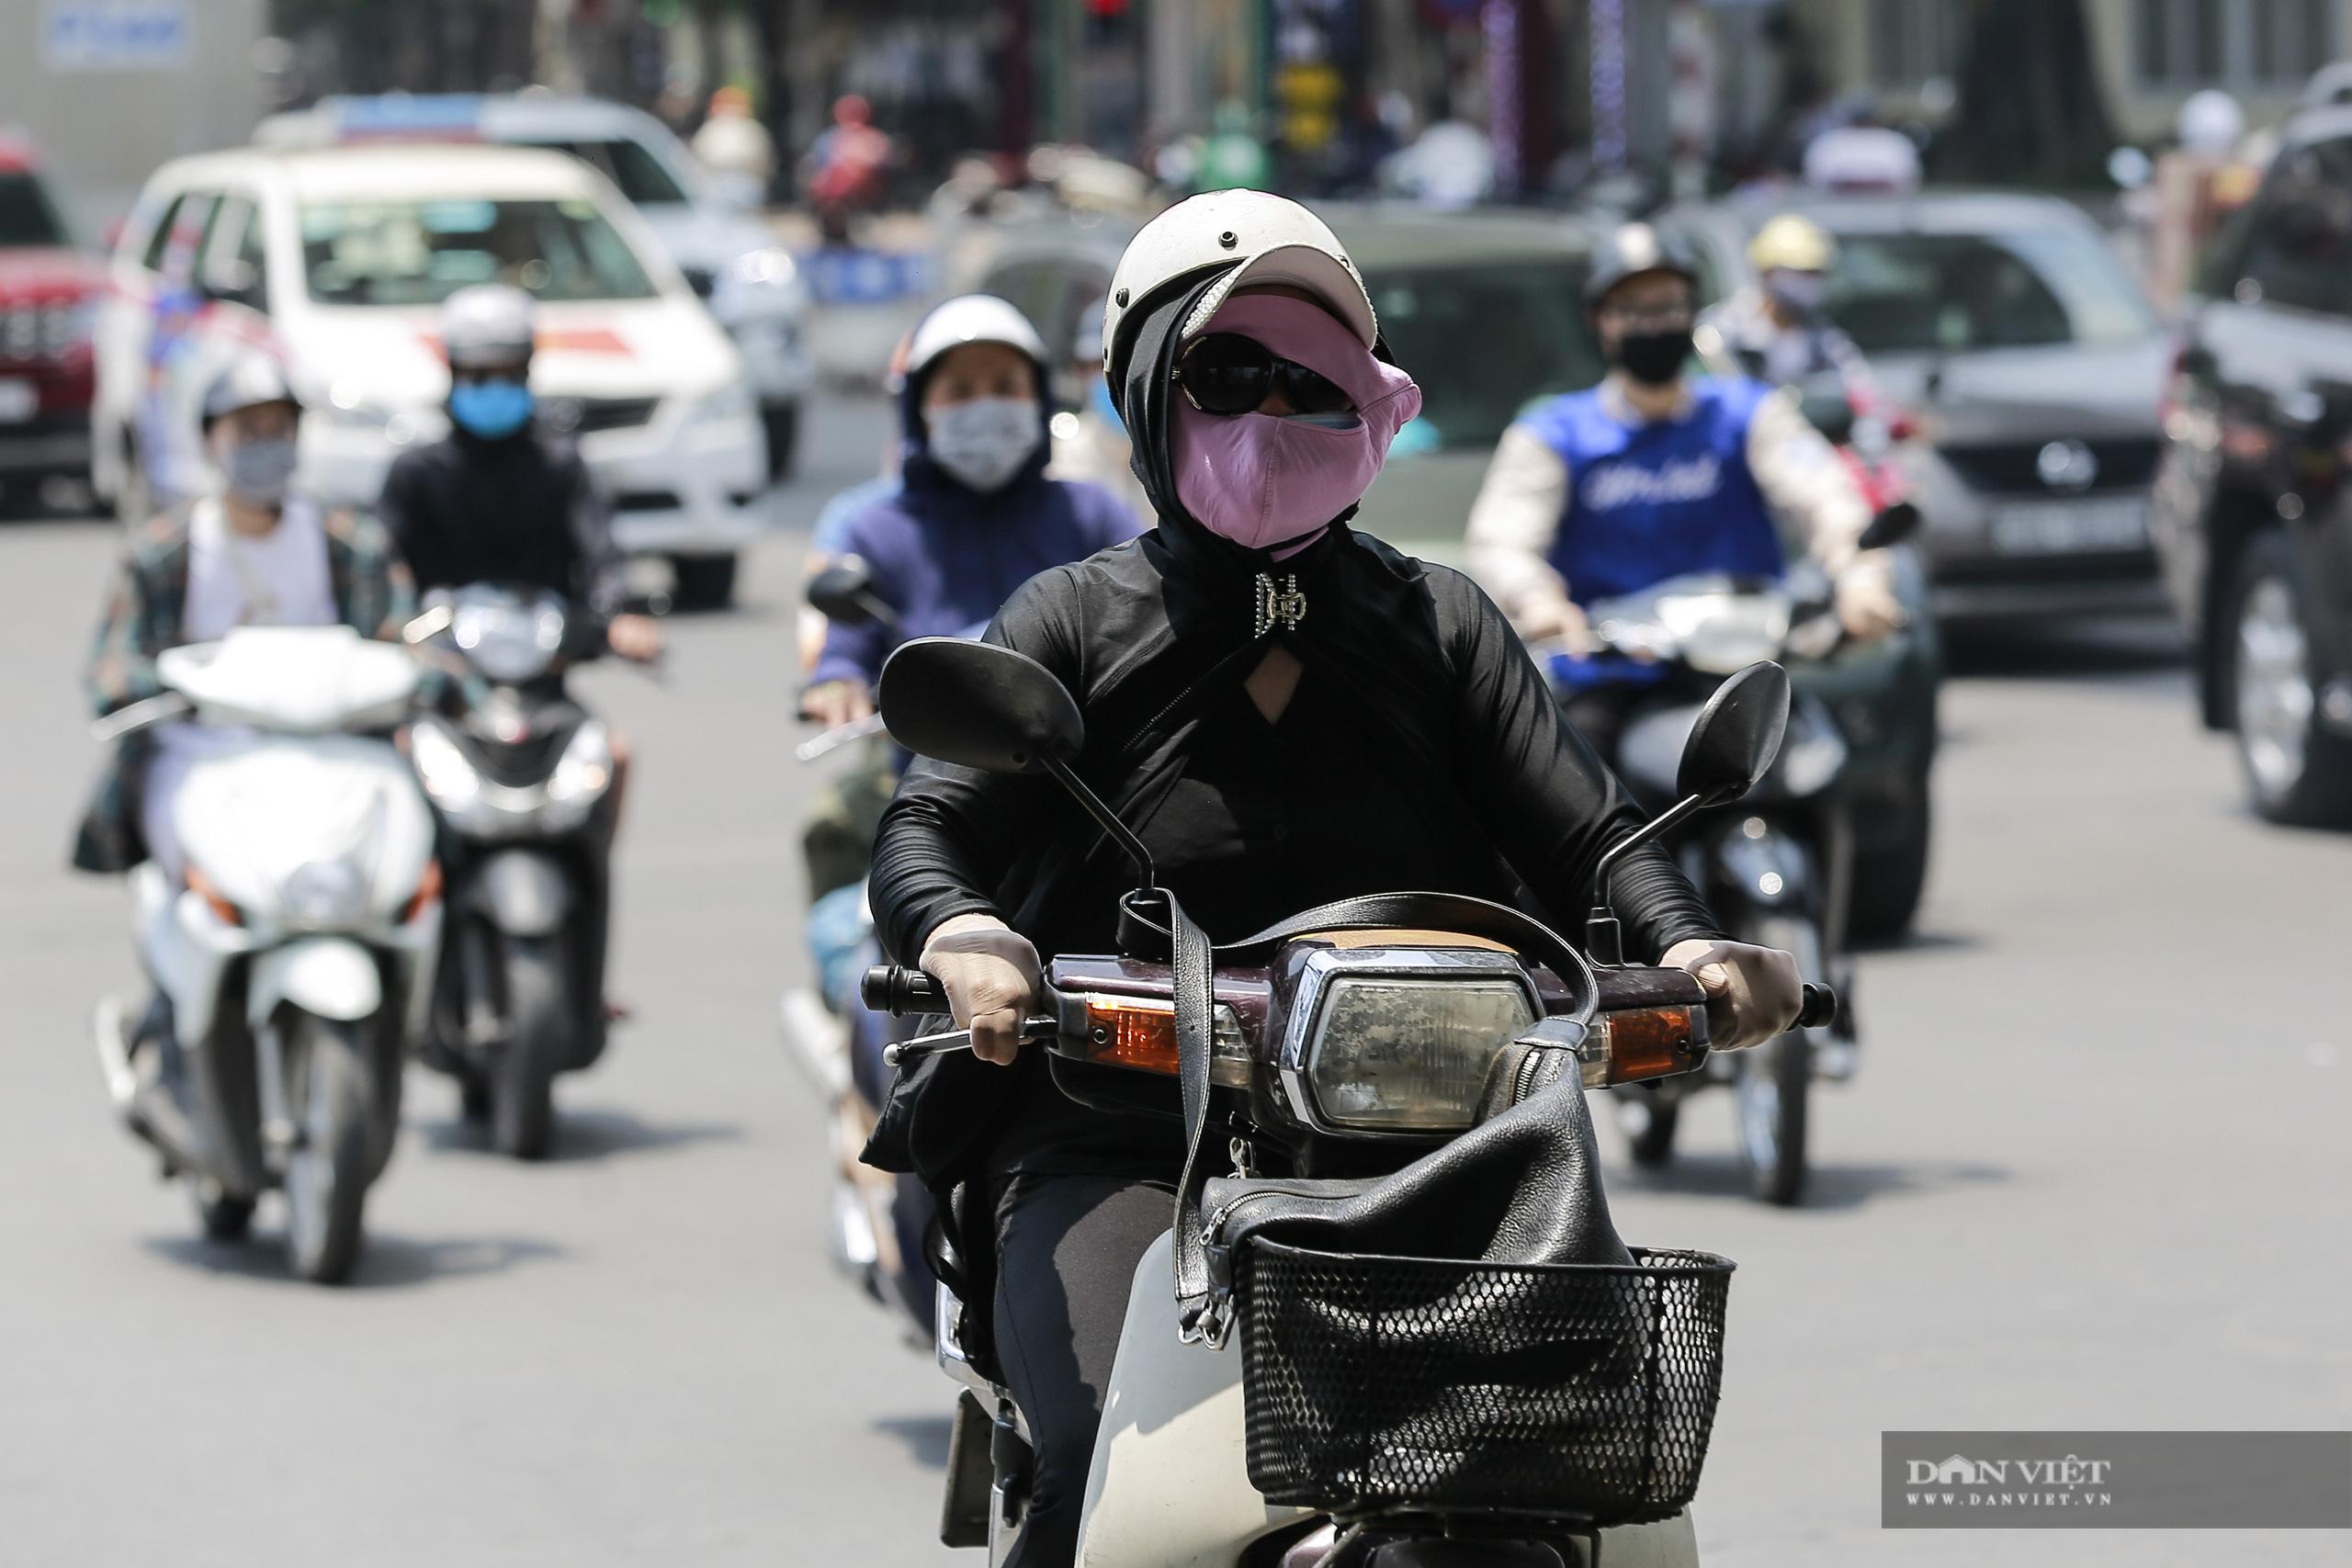 Hà Nội nắng nóng gần 40 độ C, phụ nữ lái ô tô với trang phục kín mít - Ảnh 2.